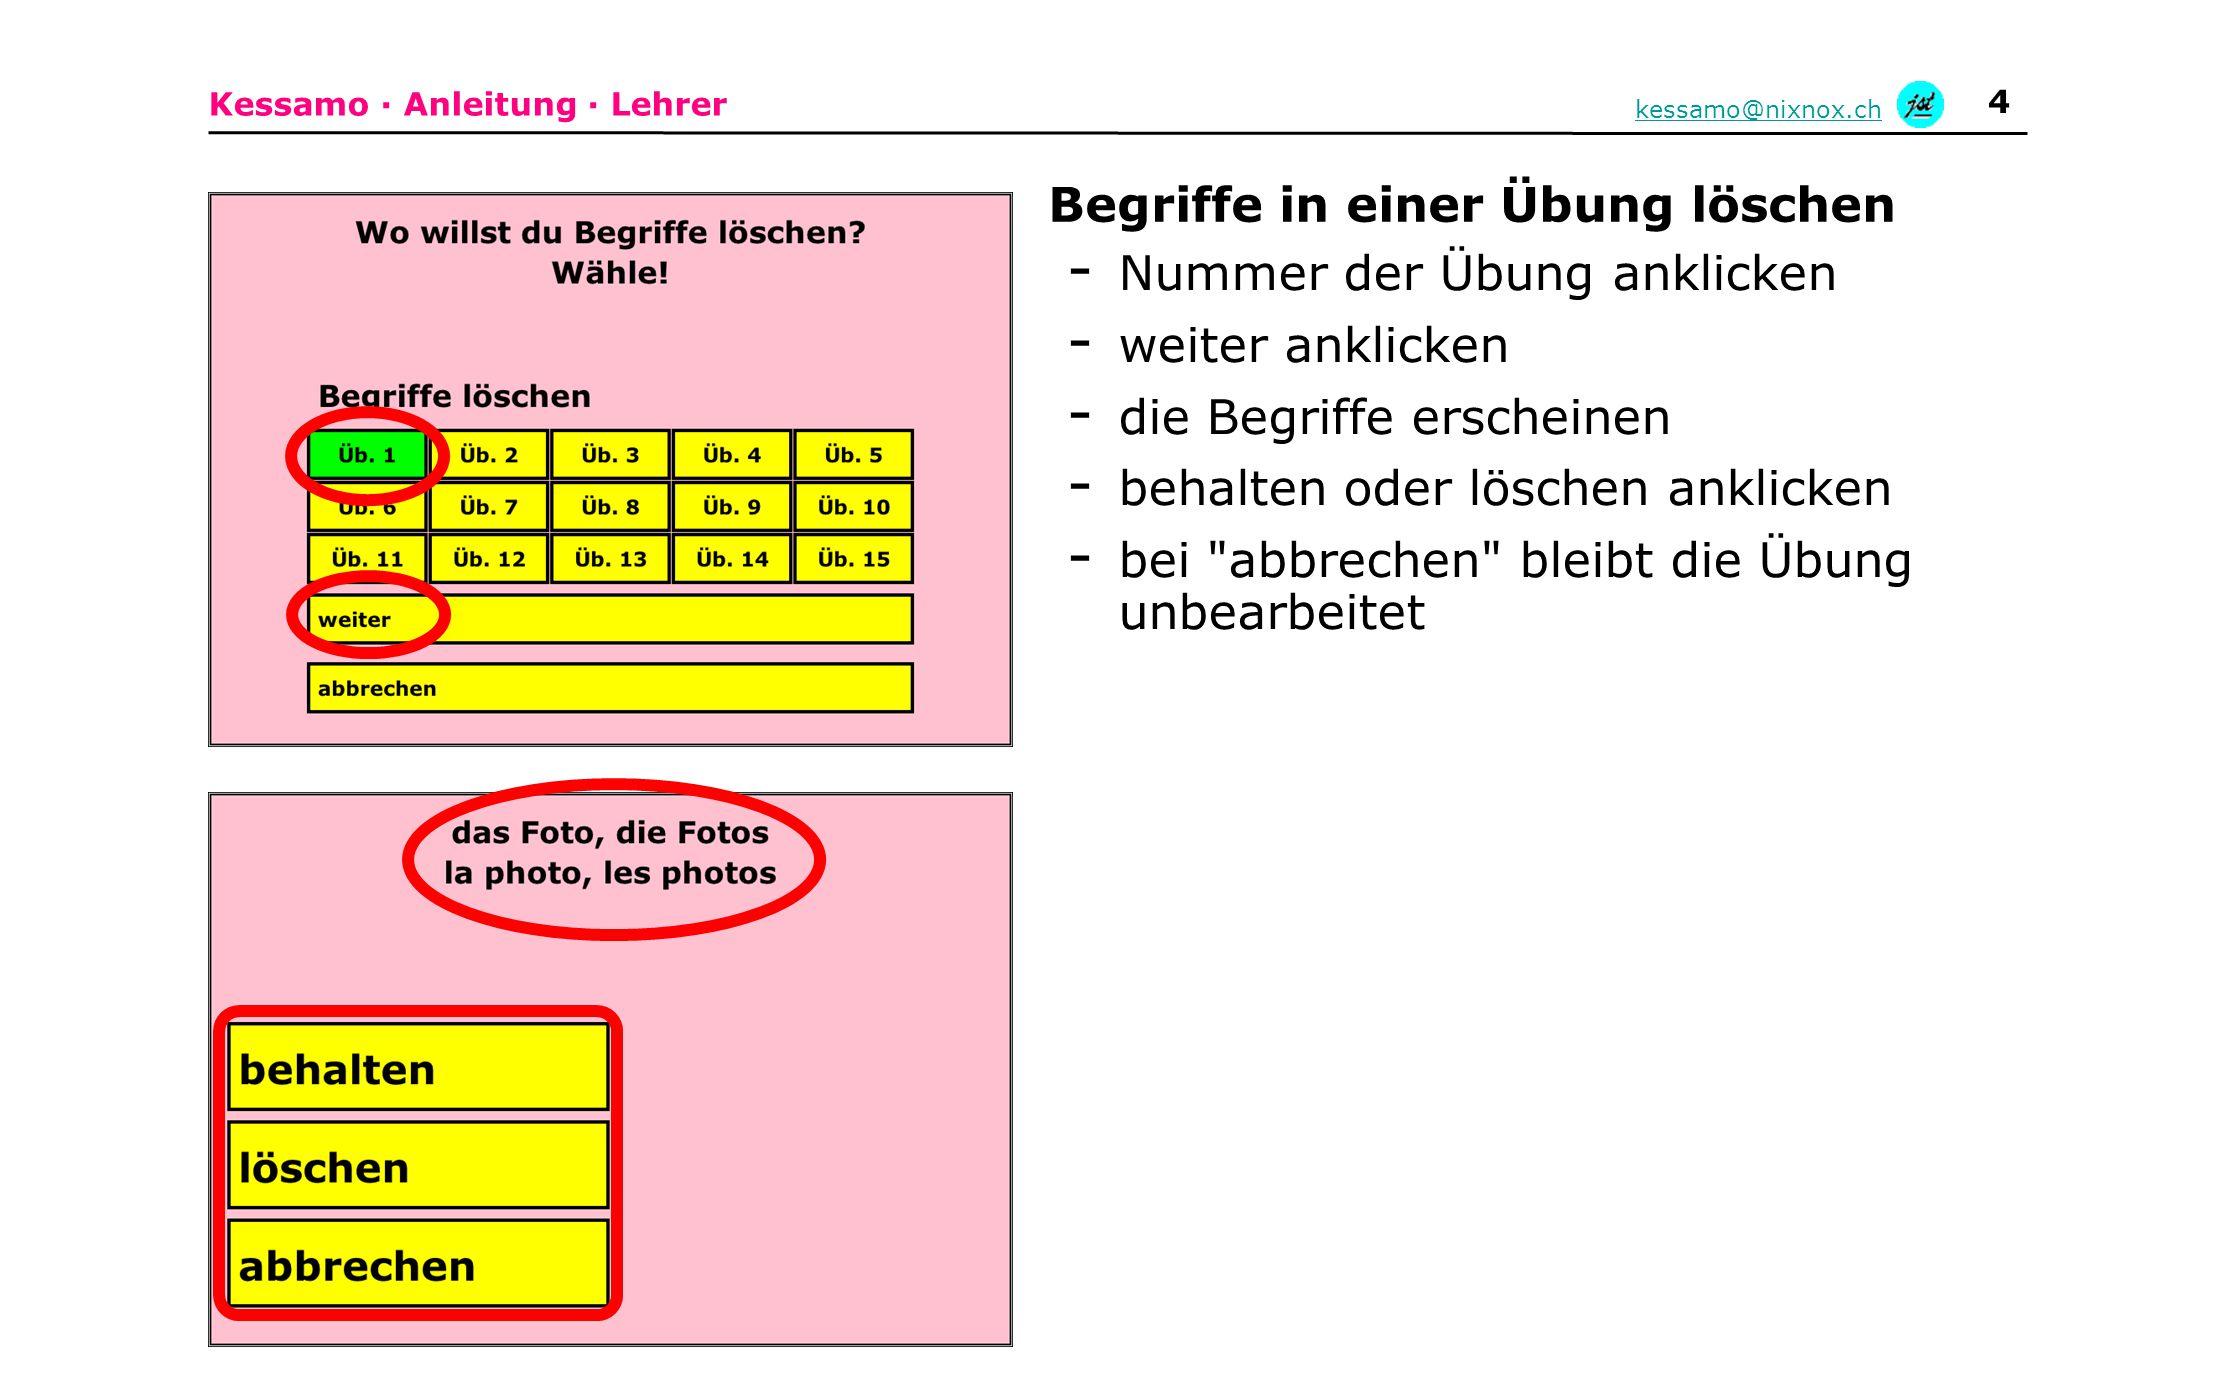 Kessamo · Anleitung · Lehrer kessamo@nixnox.ch 4 Begriffe in einer Übung löschen - Nummer der Übung anklicken - weiter anklicken - die Begriffe ersche